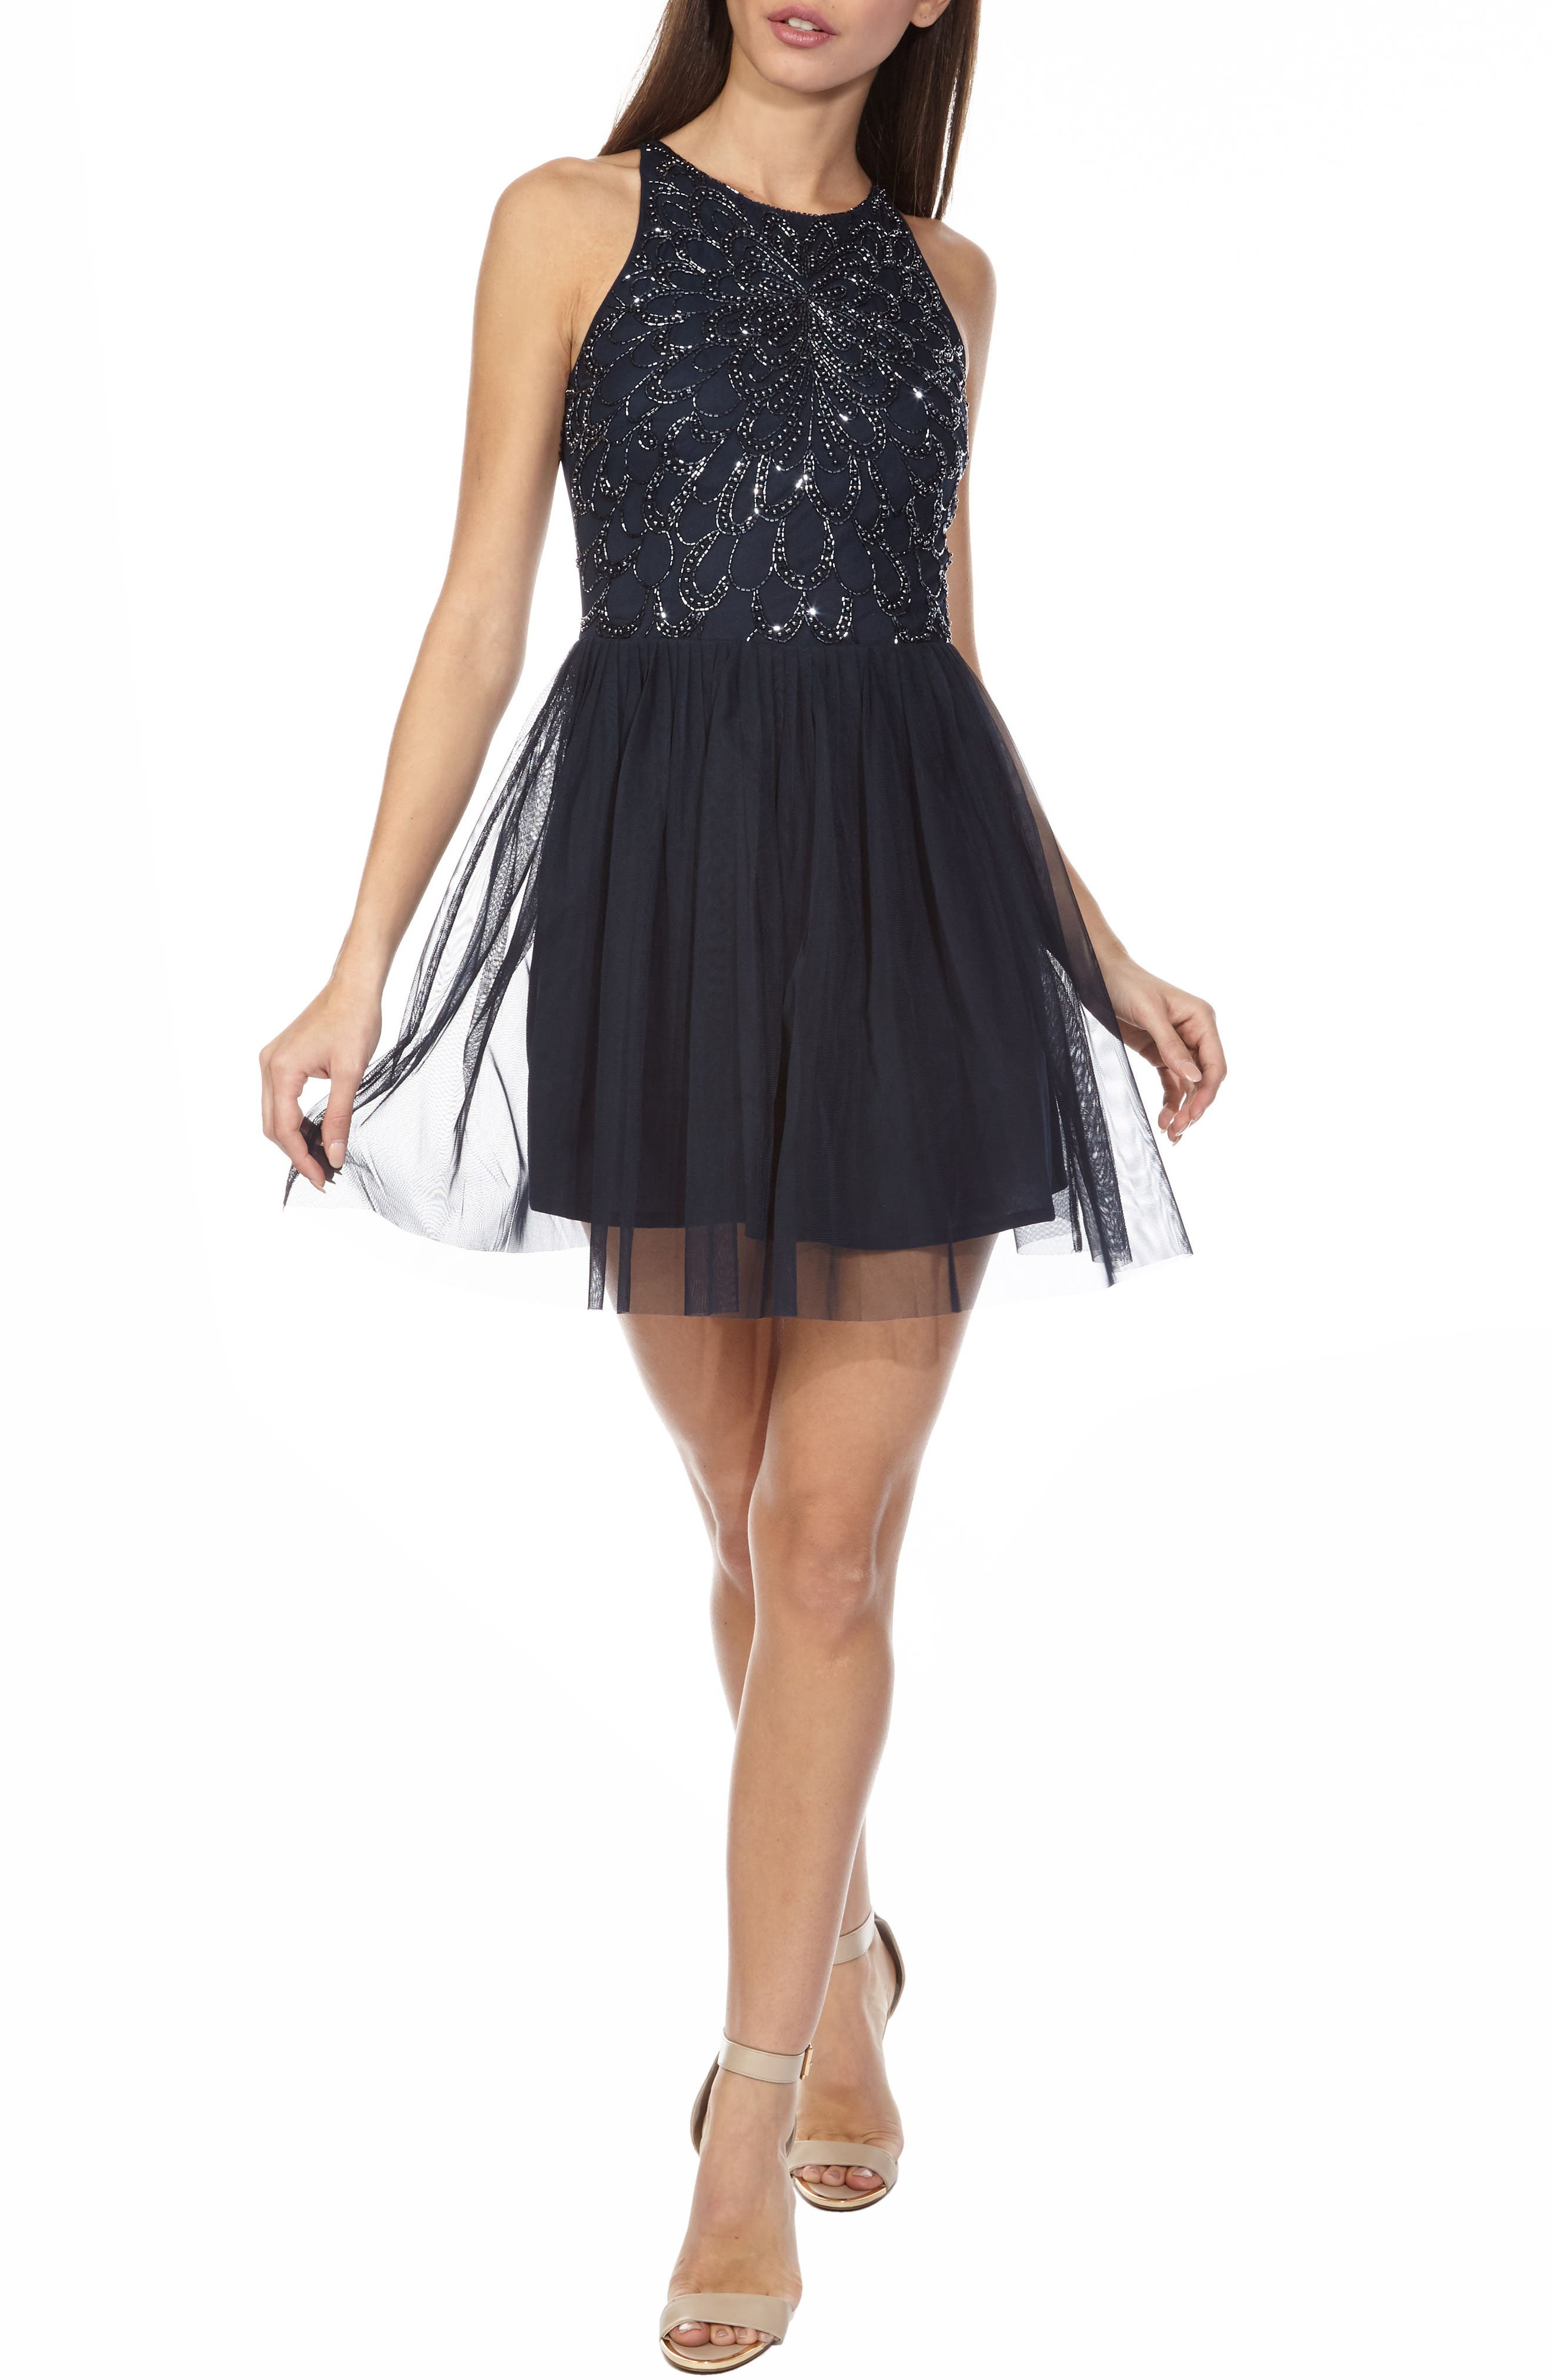 Embellished lace black dresses